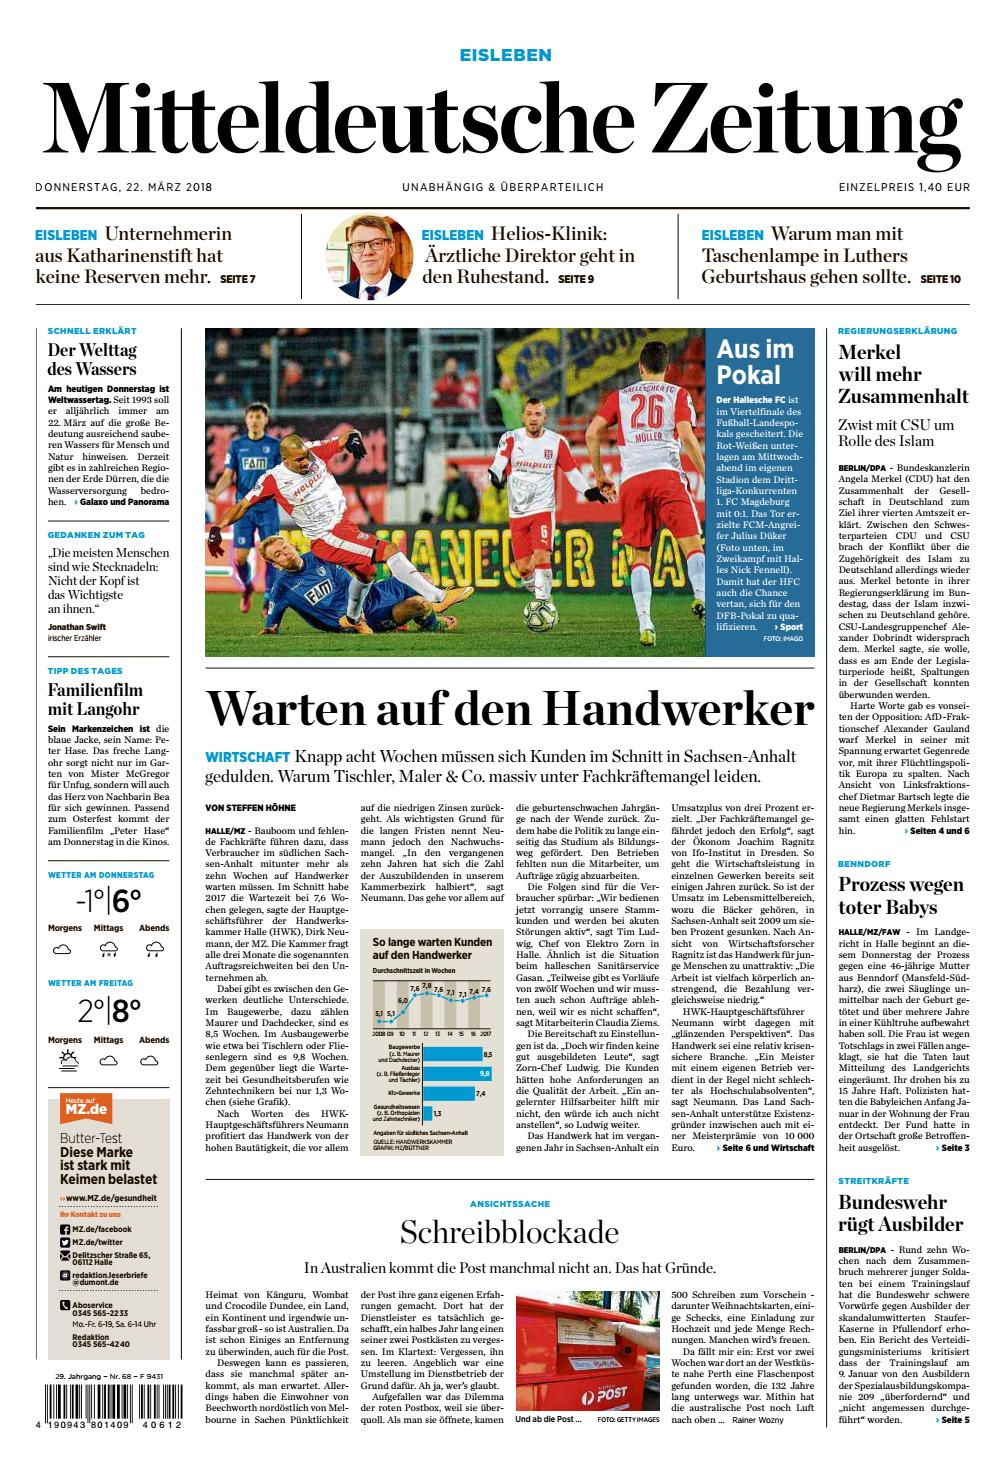 Mansfelder Zeitung Ausgabe 22.03.2018 by Mediengruppe Mitteldeutsche ...